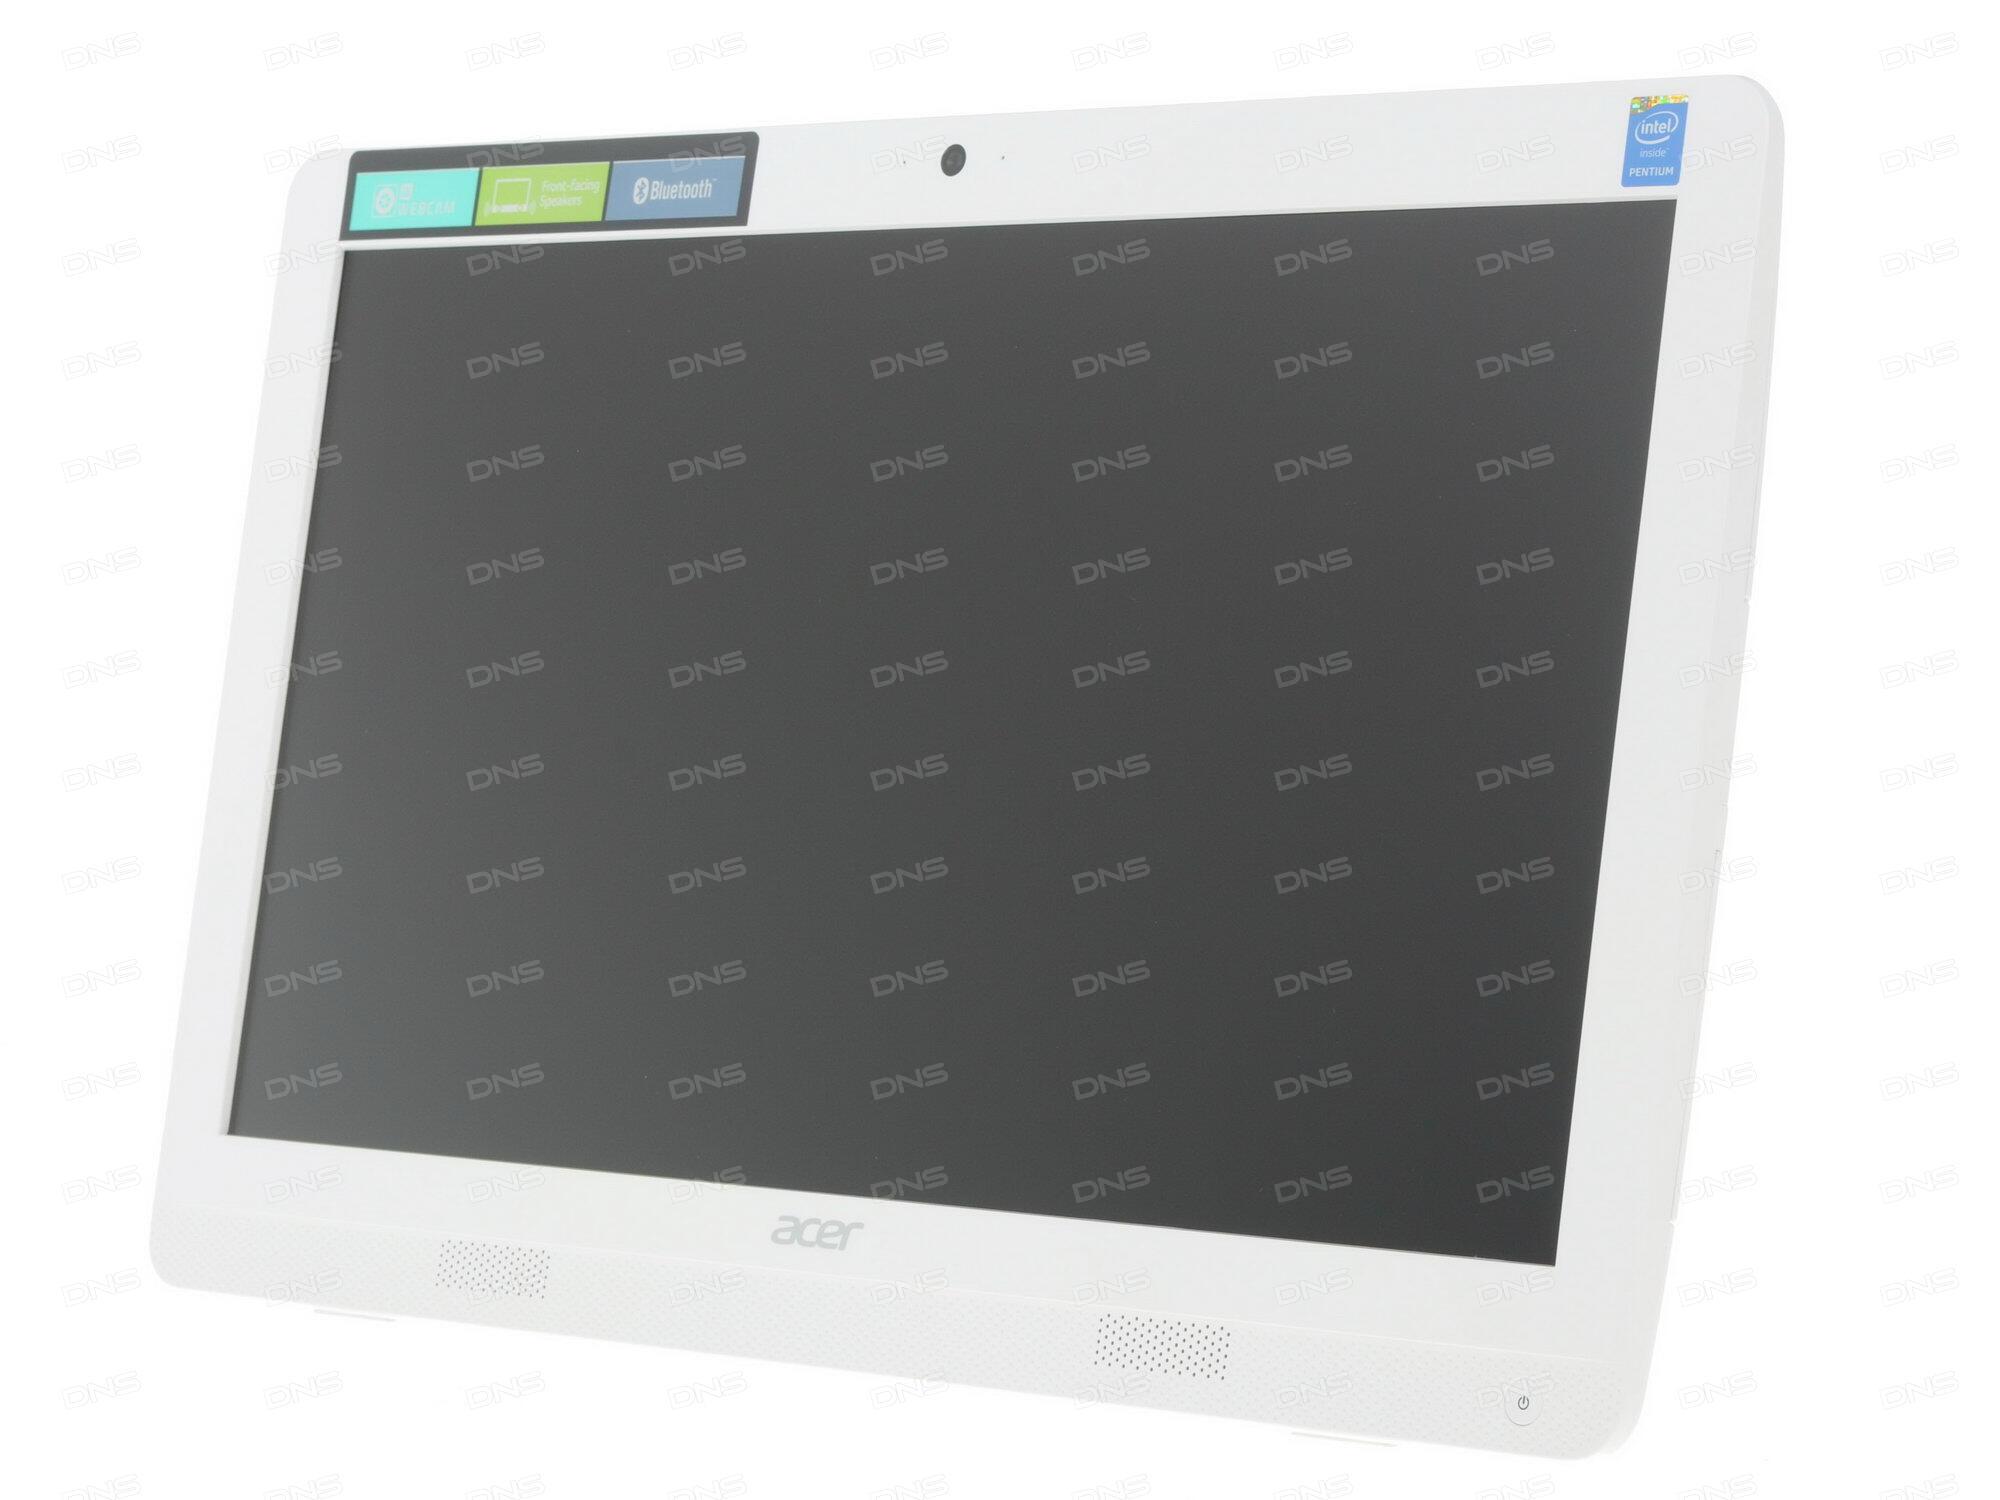 Моноблок Acer Aspire U27-880 DQ.B8SER.002 (Intel Core i5-7200U 2.5 GHz/8192Mb/1000Gb/Intel HD Graphics/Wi-Fi/Cam/27/1920x1080/Windows 10)